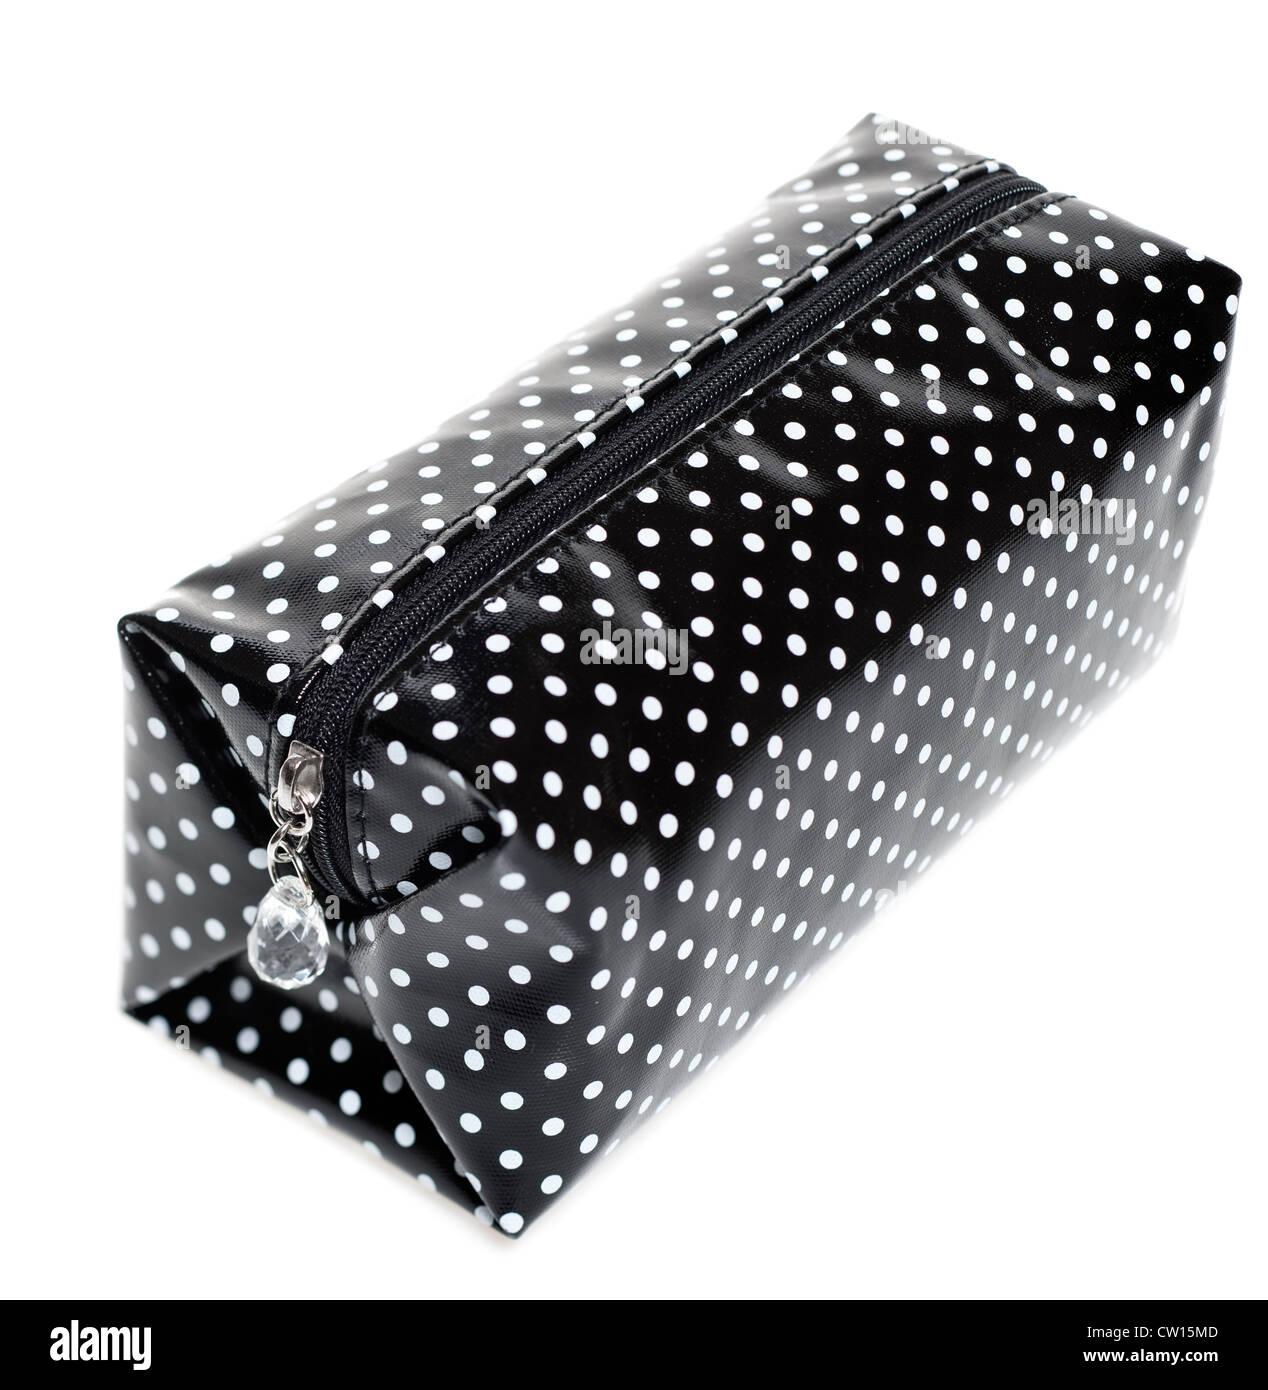 schwarz / weiß getupft Kunststoff Kosmetik-Etui Stockbild